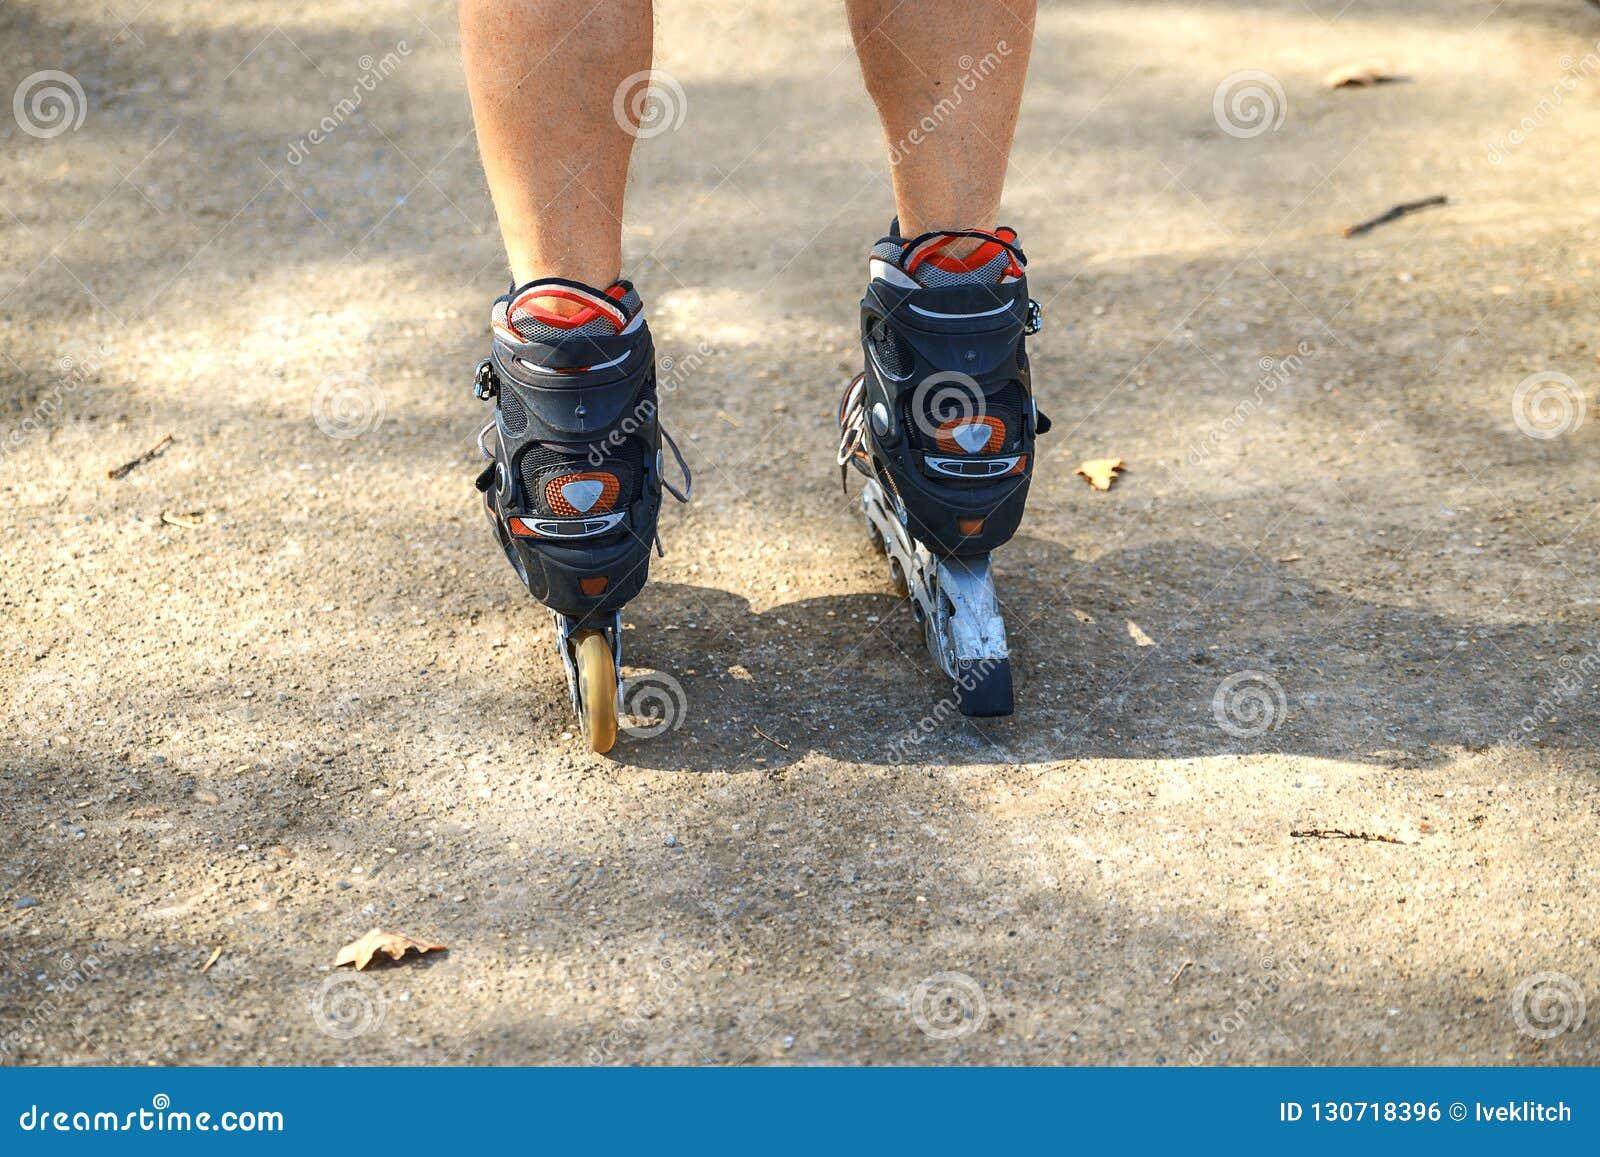 Εύθυμο φίλαθλο άτομο 50-55 χρονών που οδηγά τον κύλινδρο που κάνει πατινάζ στο πάρκο στην εποχή φθινοπώρου, που ως υγιής άσκηση γ